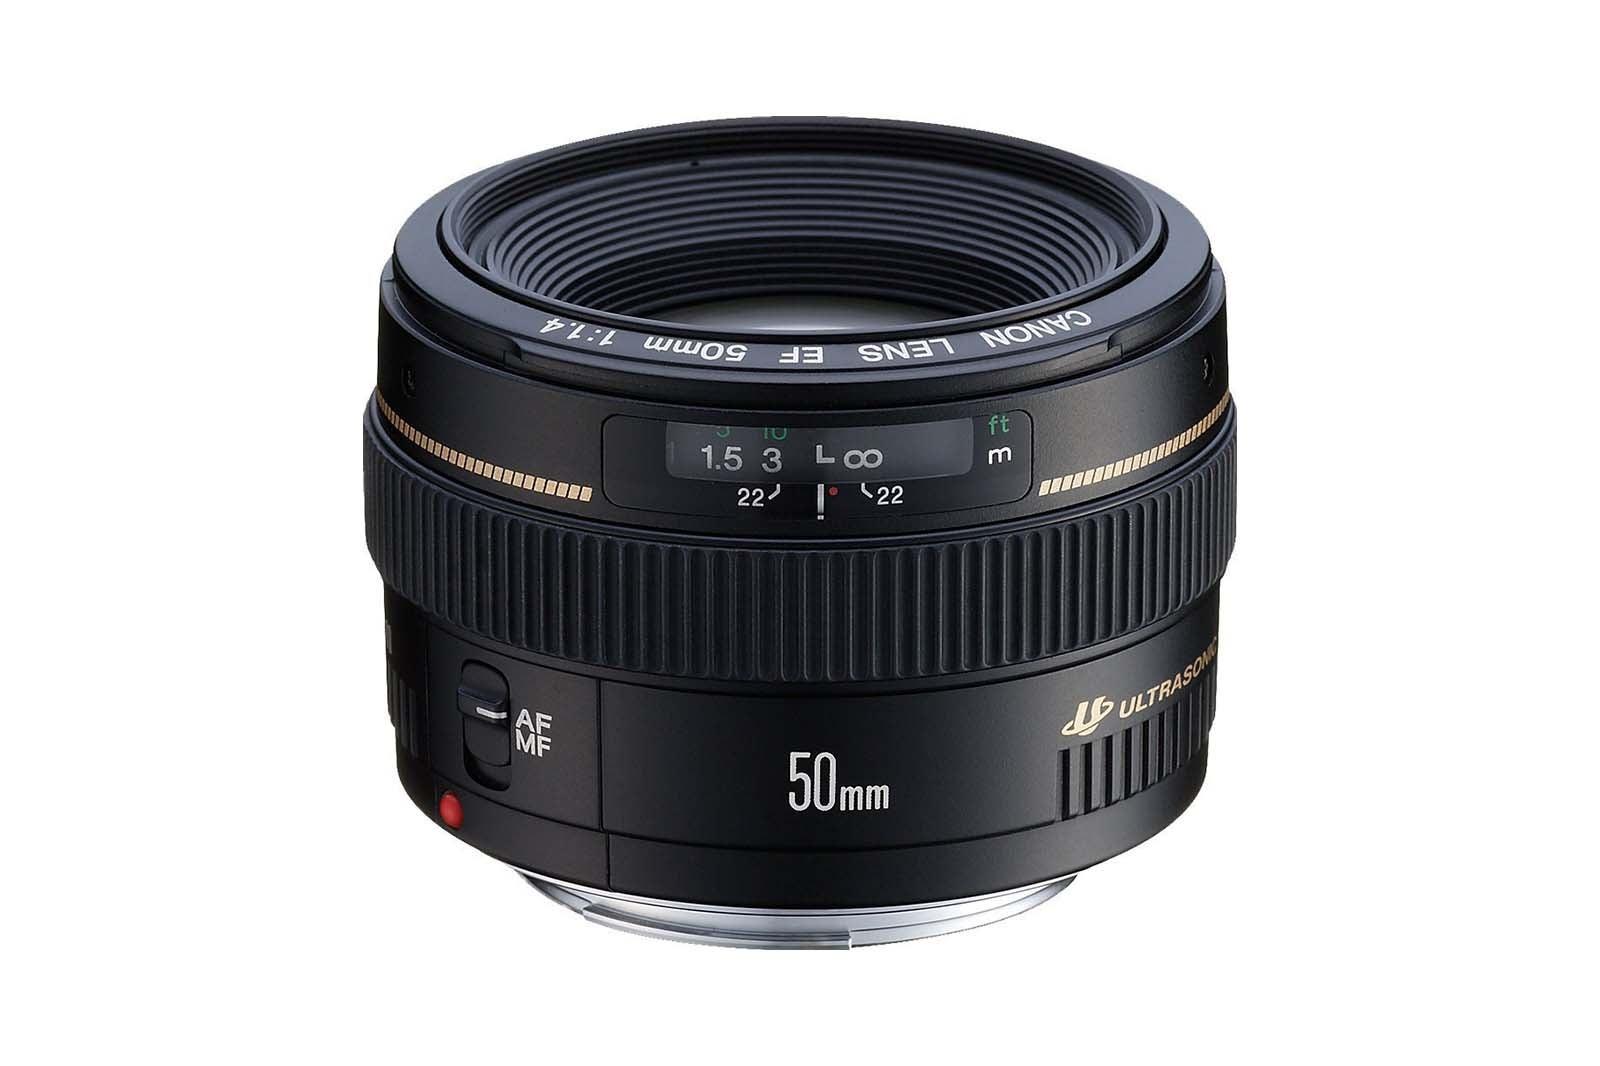 Canon EF 50mm f/1.4 USM Lens.